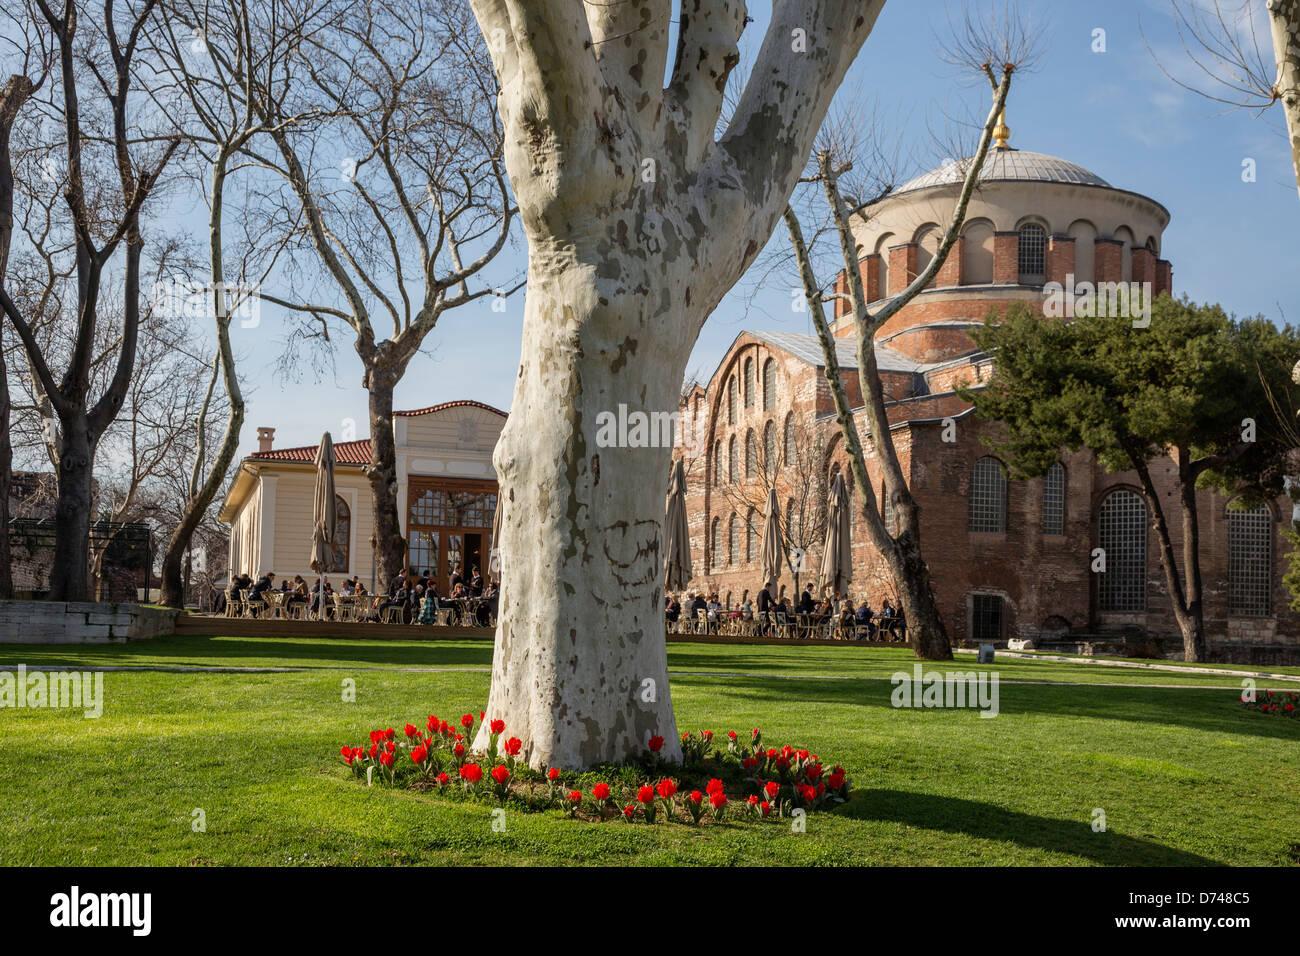 Garten im ersten Hof des Topkapi-Palast, Istanbul, Türkei. Im Hintergrund die Kirche von Hagia Eirene. Stockbild